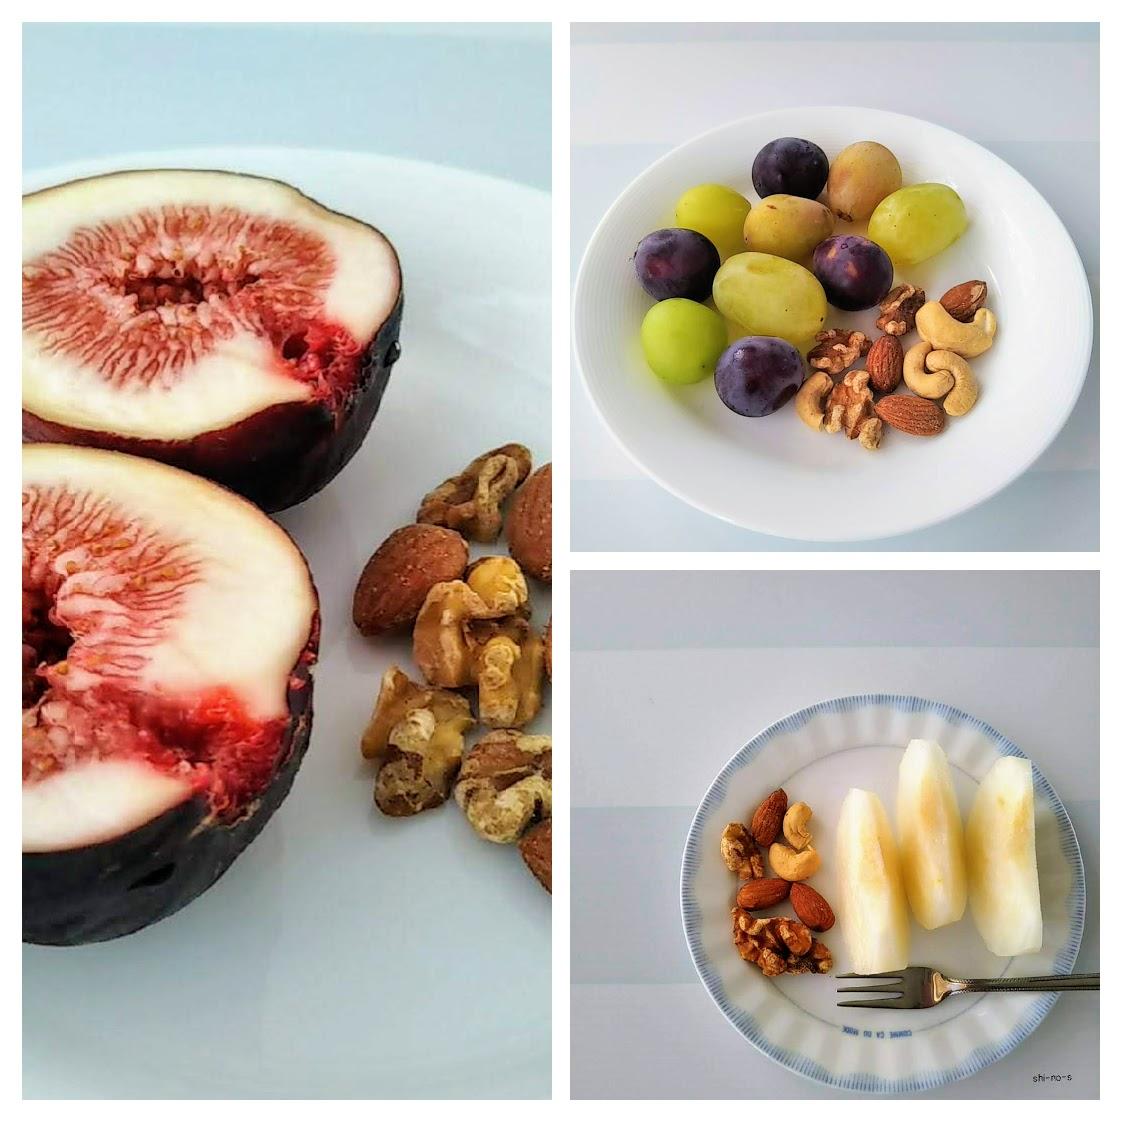 ミックスナッツと果物3種類がお皿に。